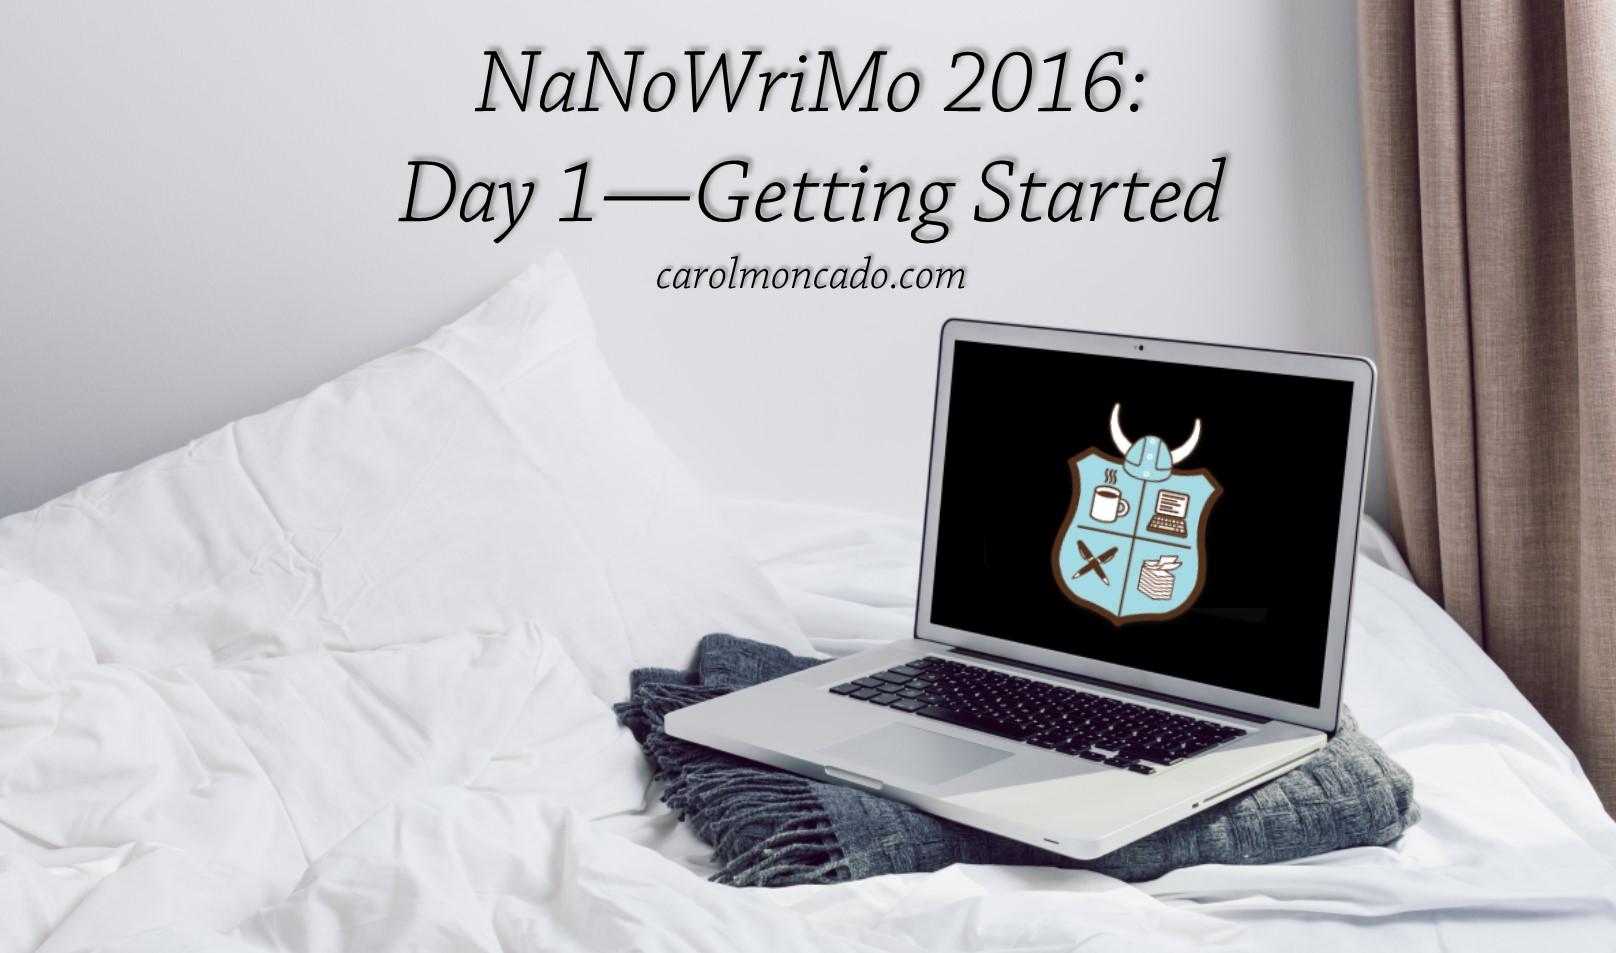 nano2016-day-1